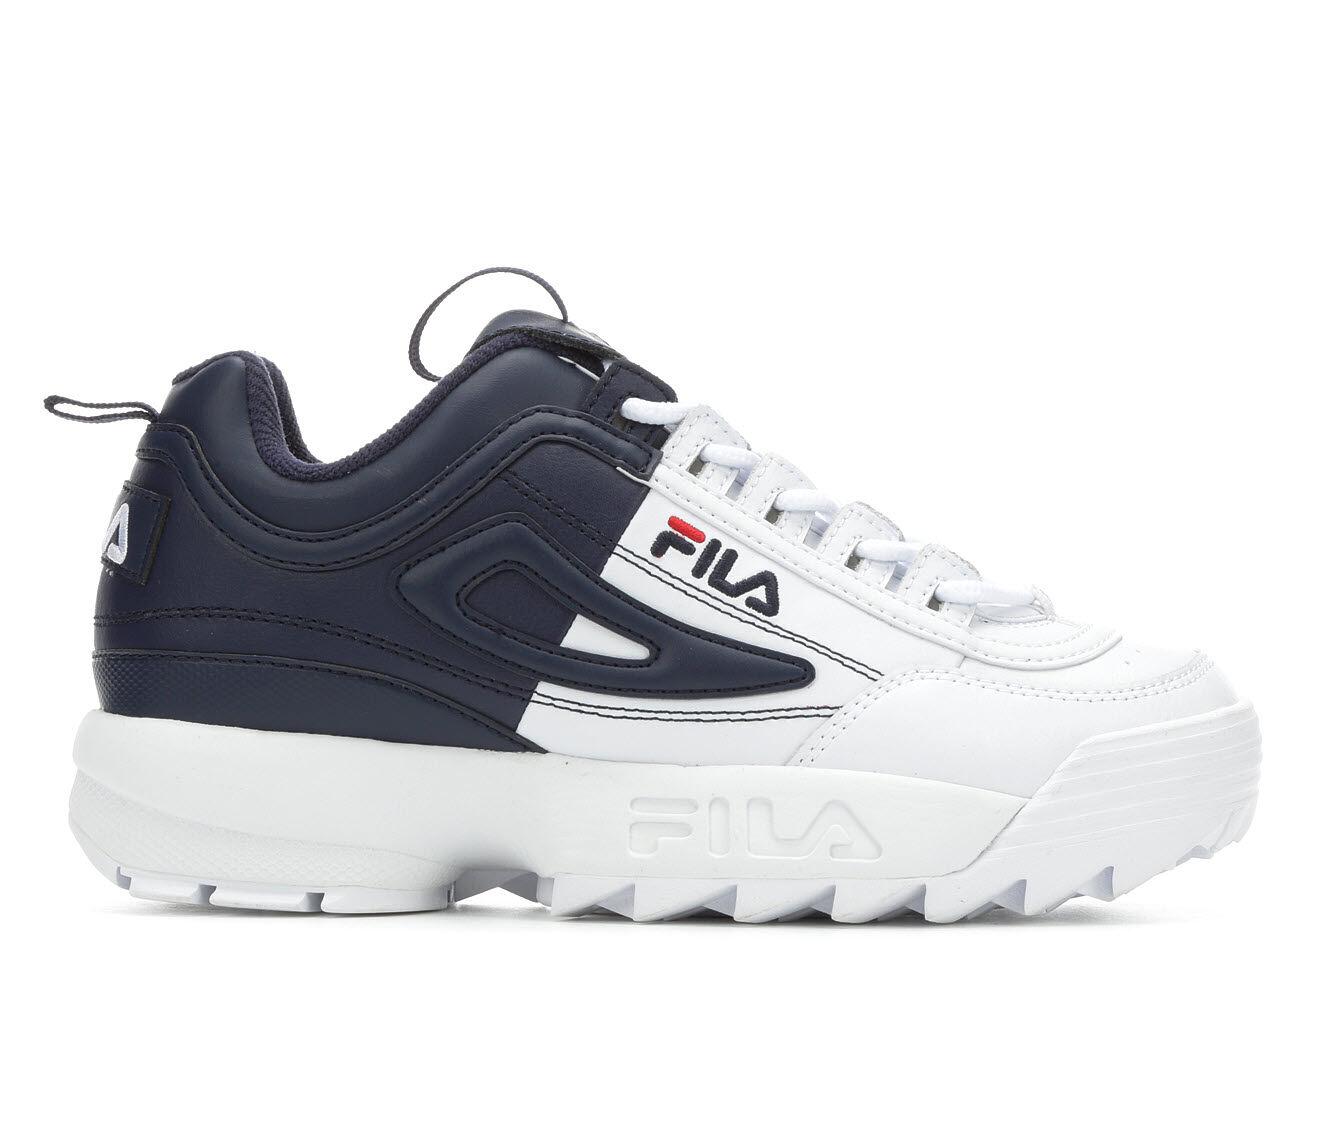 Women's Fila Disruptor II Split Sneakers White/Navy/Red